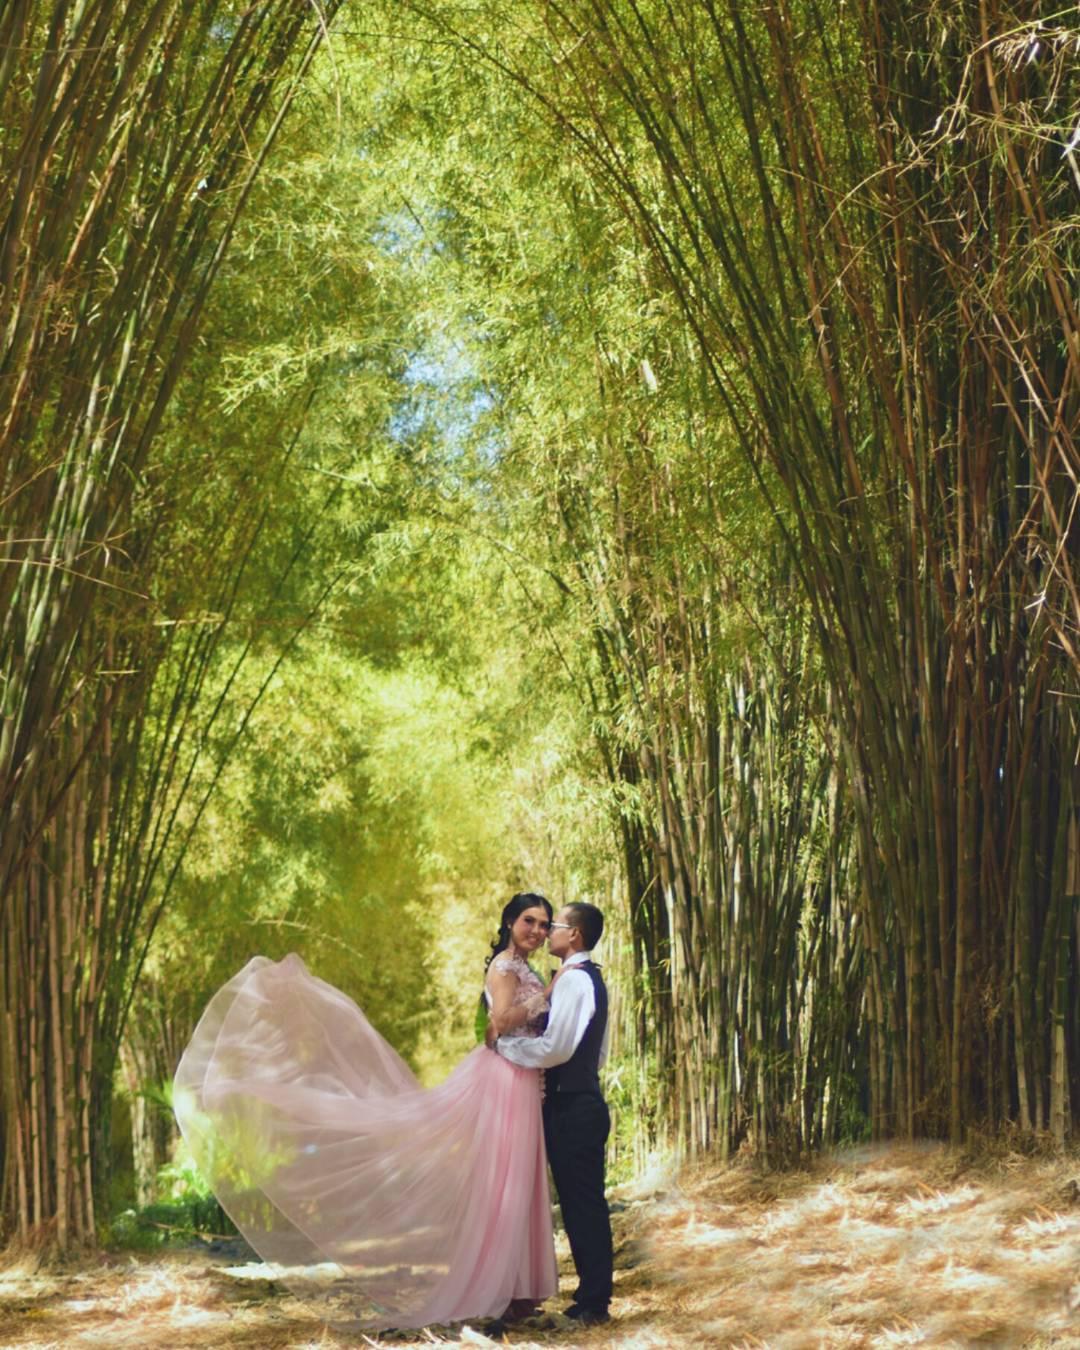 Hutan Bambu Keputih, Hutan Bambu Keputih Surabaya, hutan bambu, foto keren, Dolan Dolen, Dolaners Hutan Bambu Keputih by yudha photography - Dolan Dolen